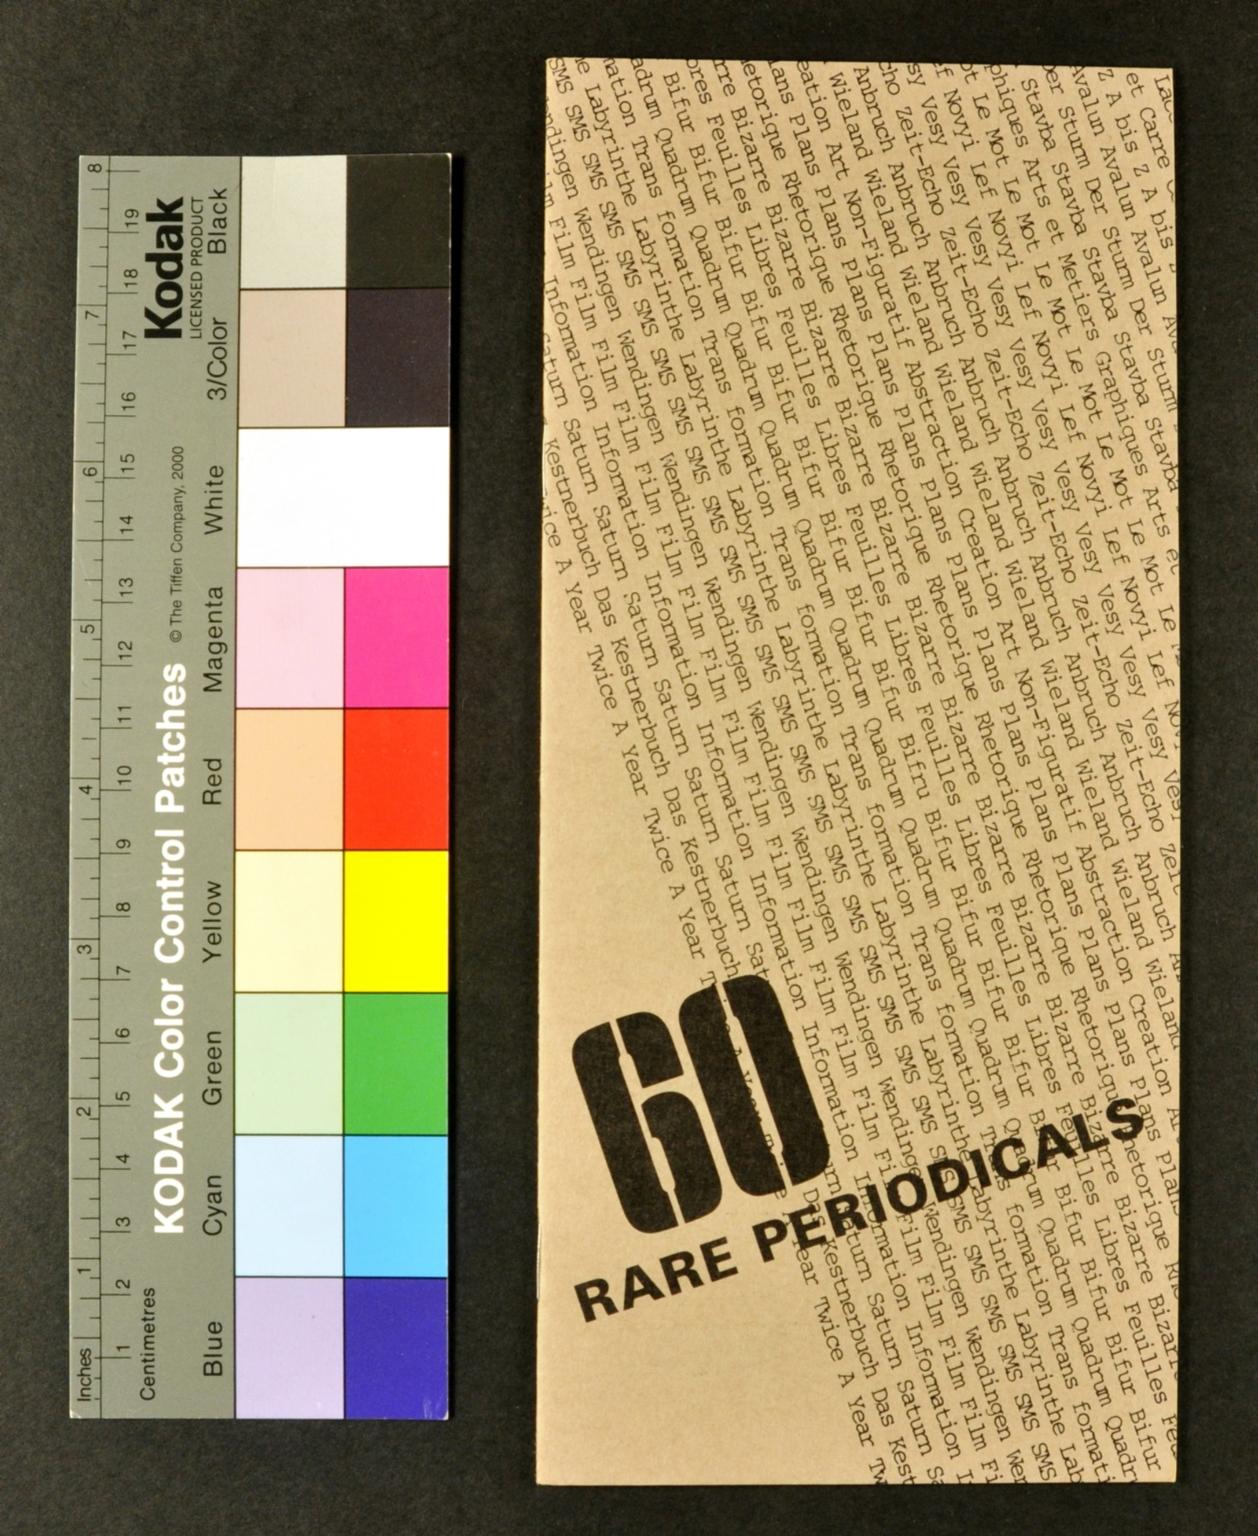 60 Rare Periodicals